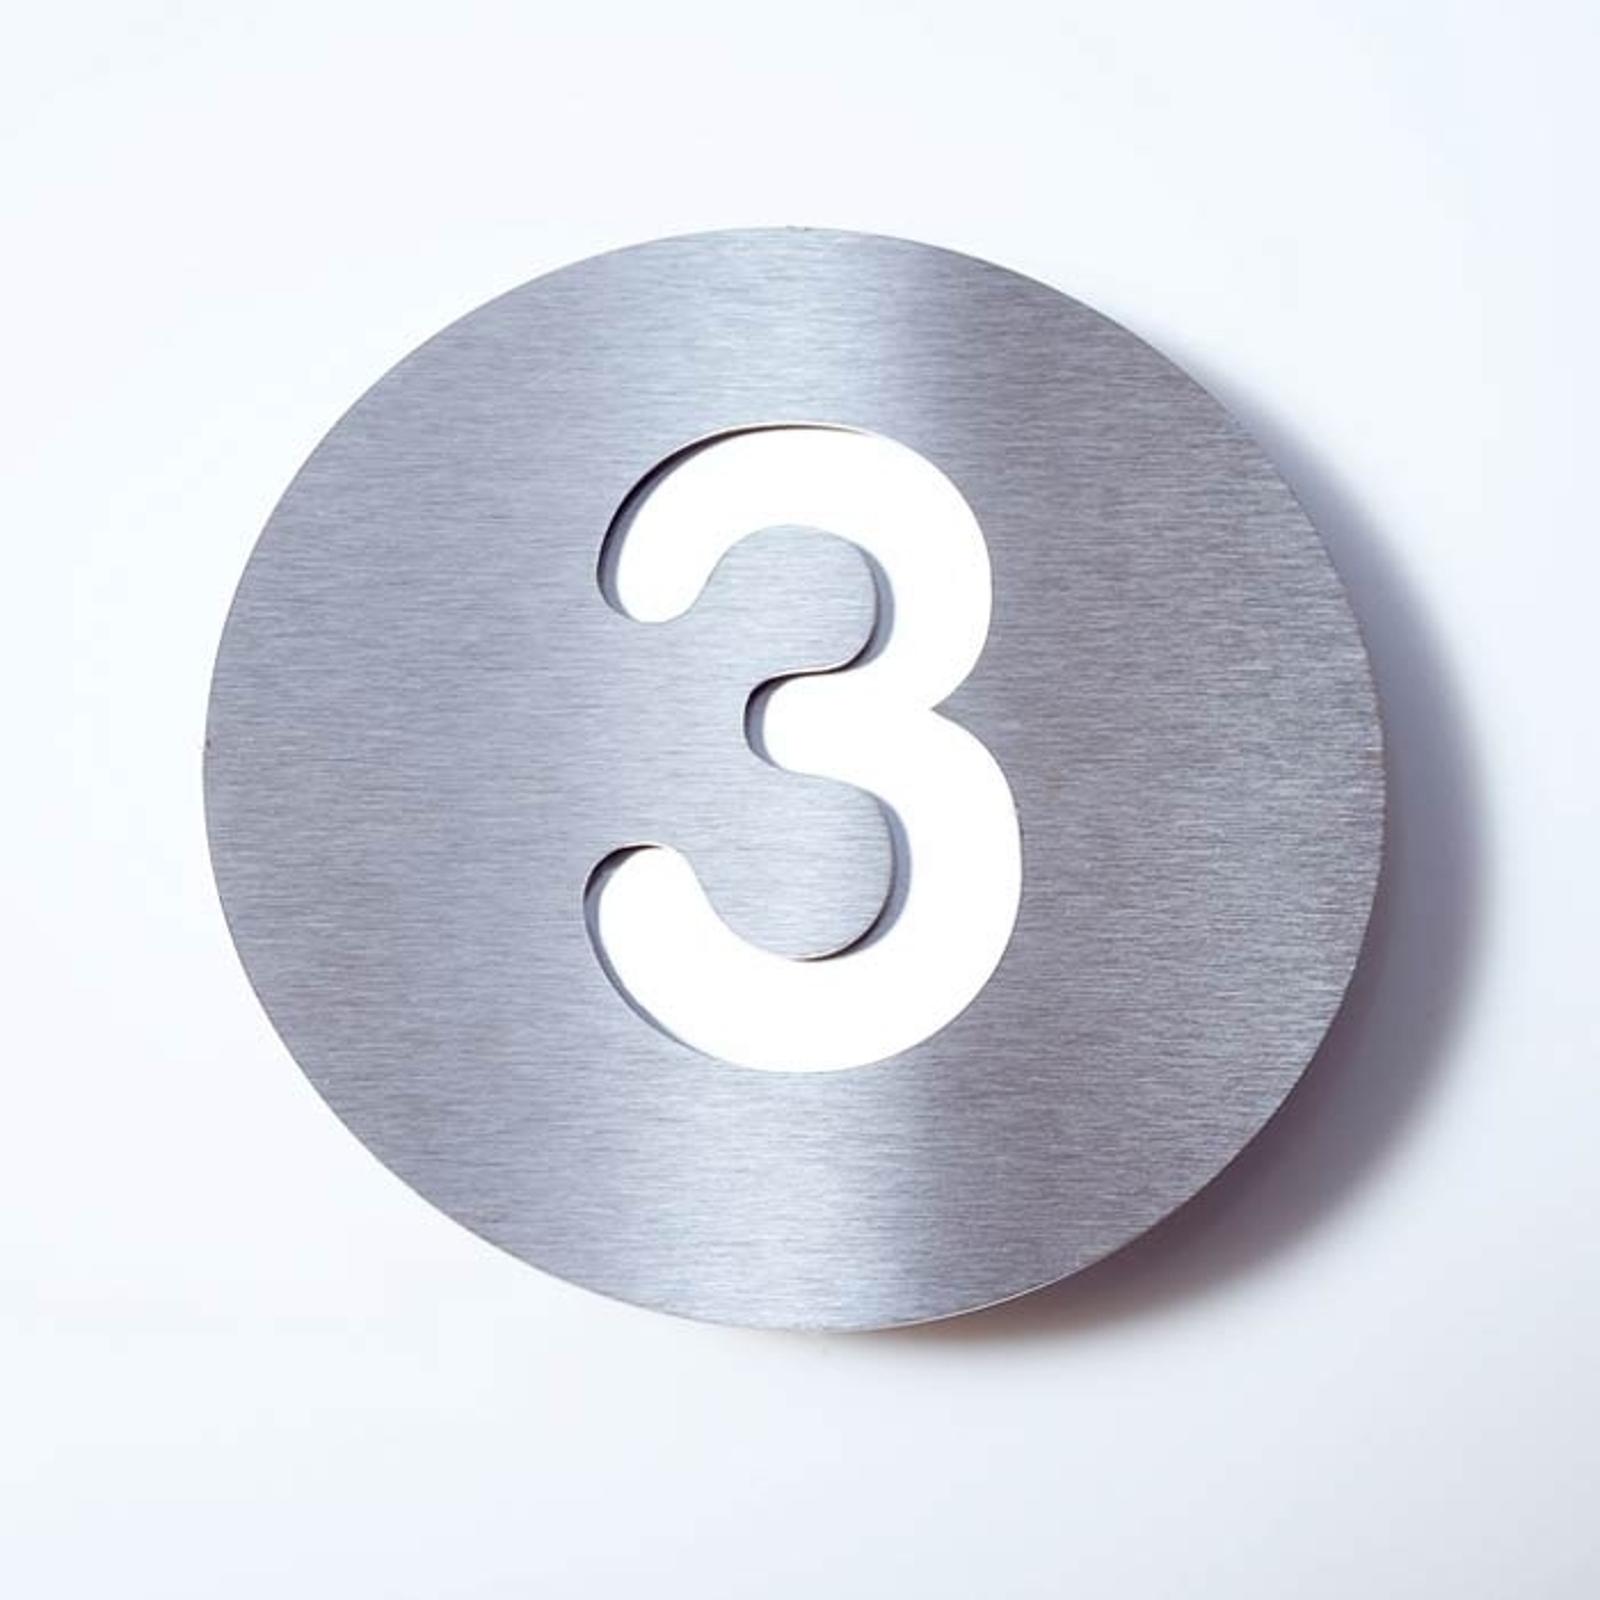 Domovní číslo Round z nerezu - 3